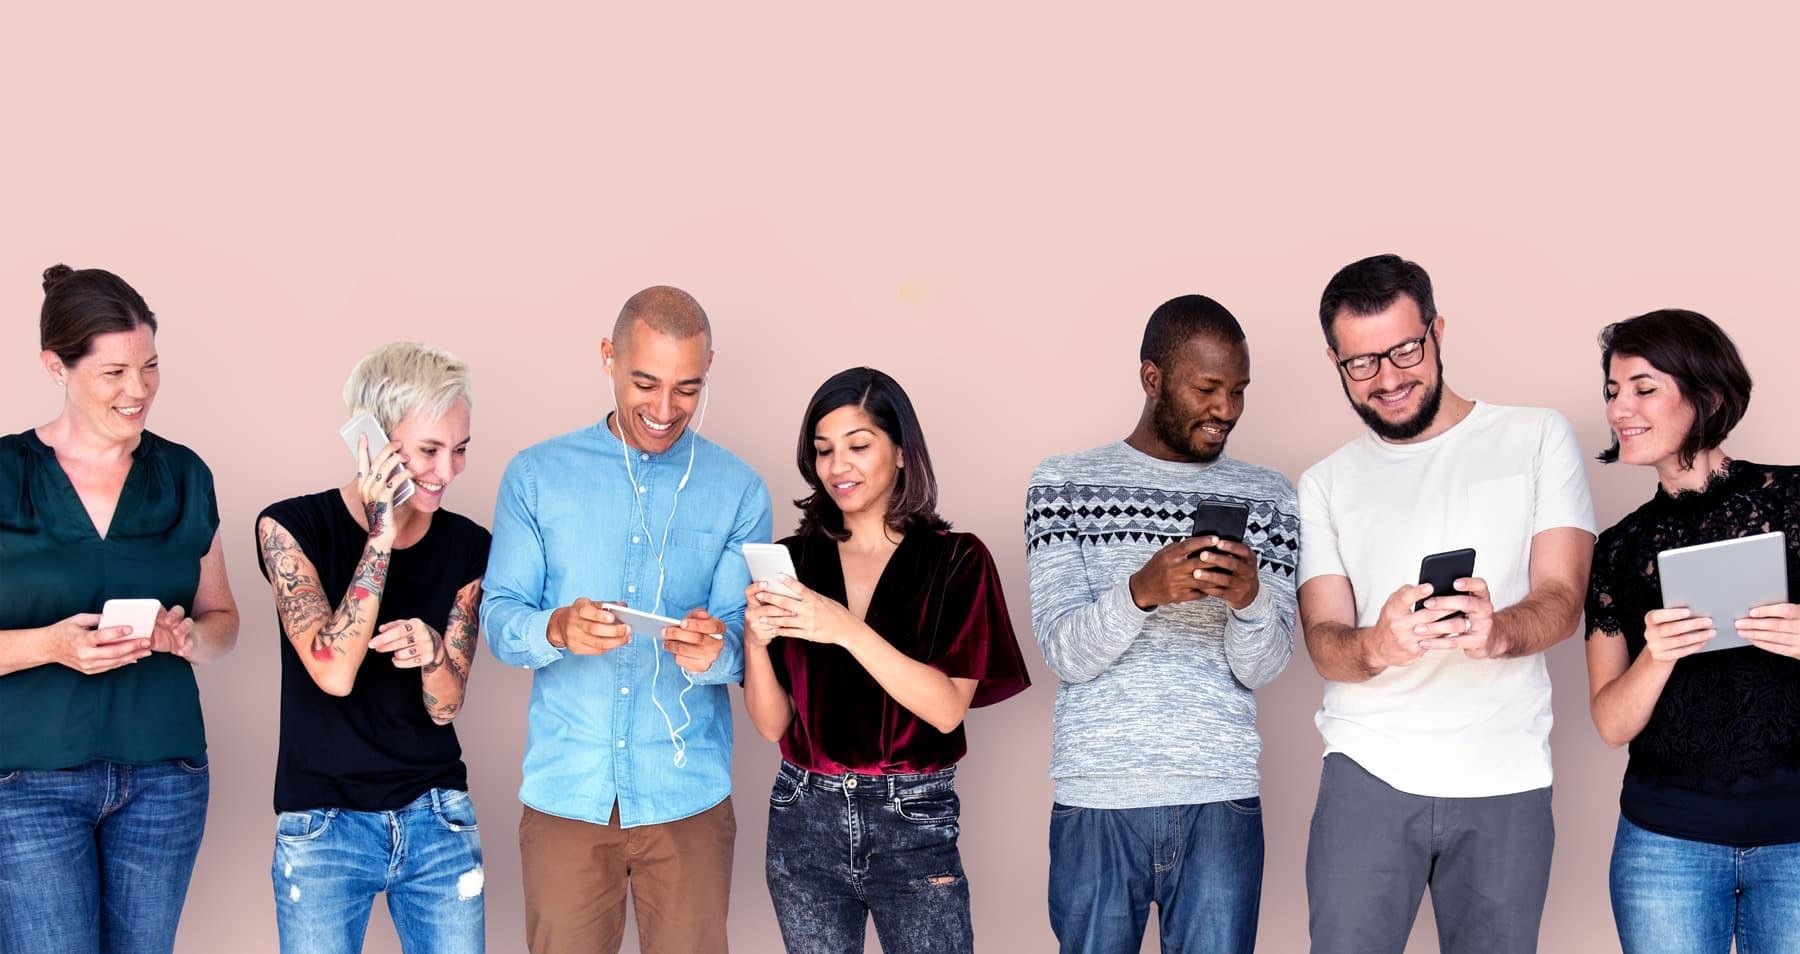 Gruppe bei der Smartphone-Nutzung